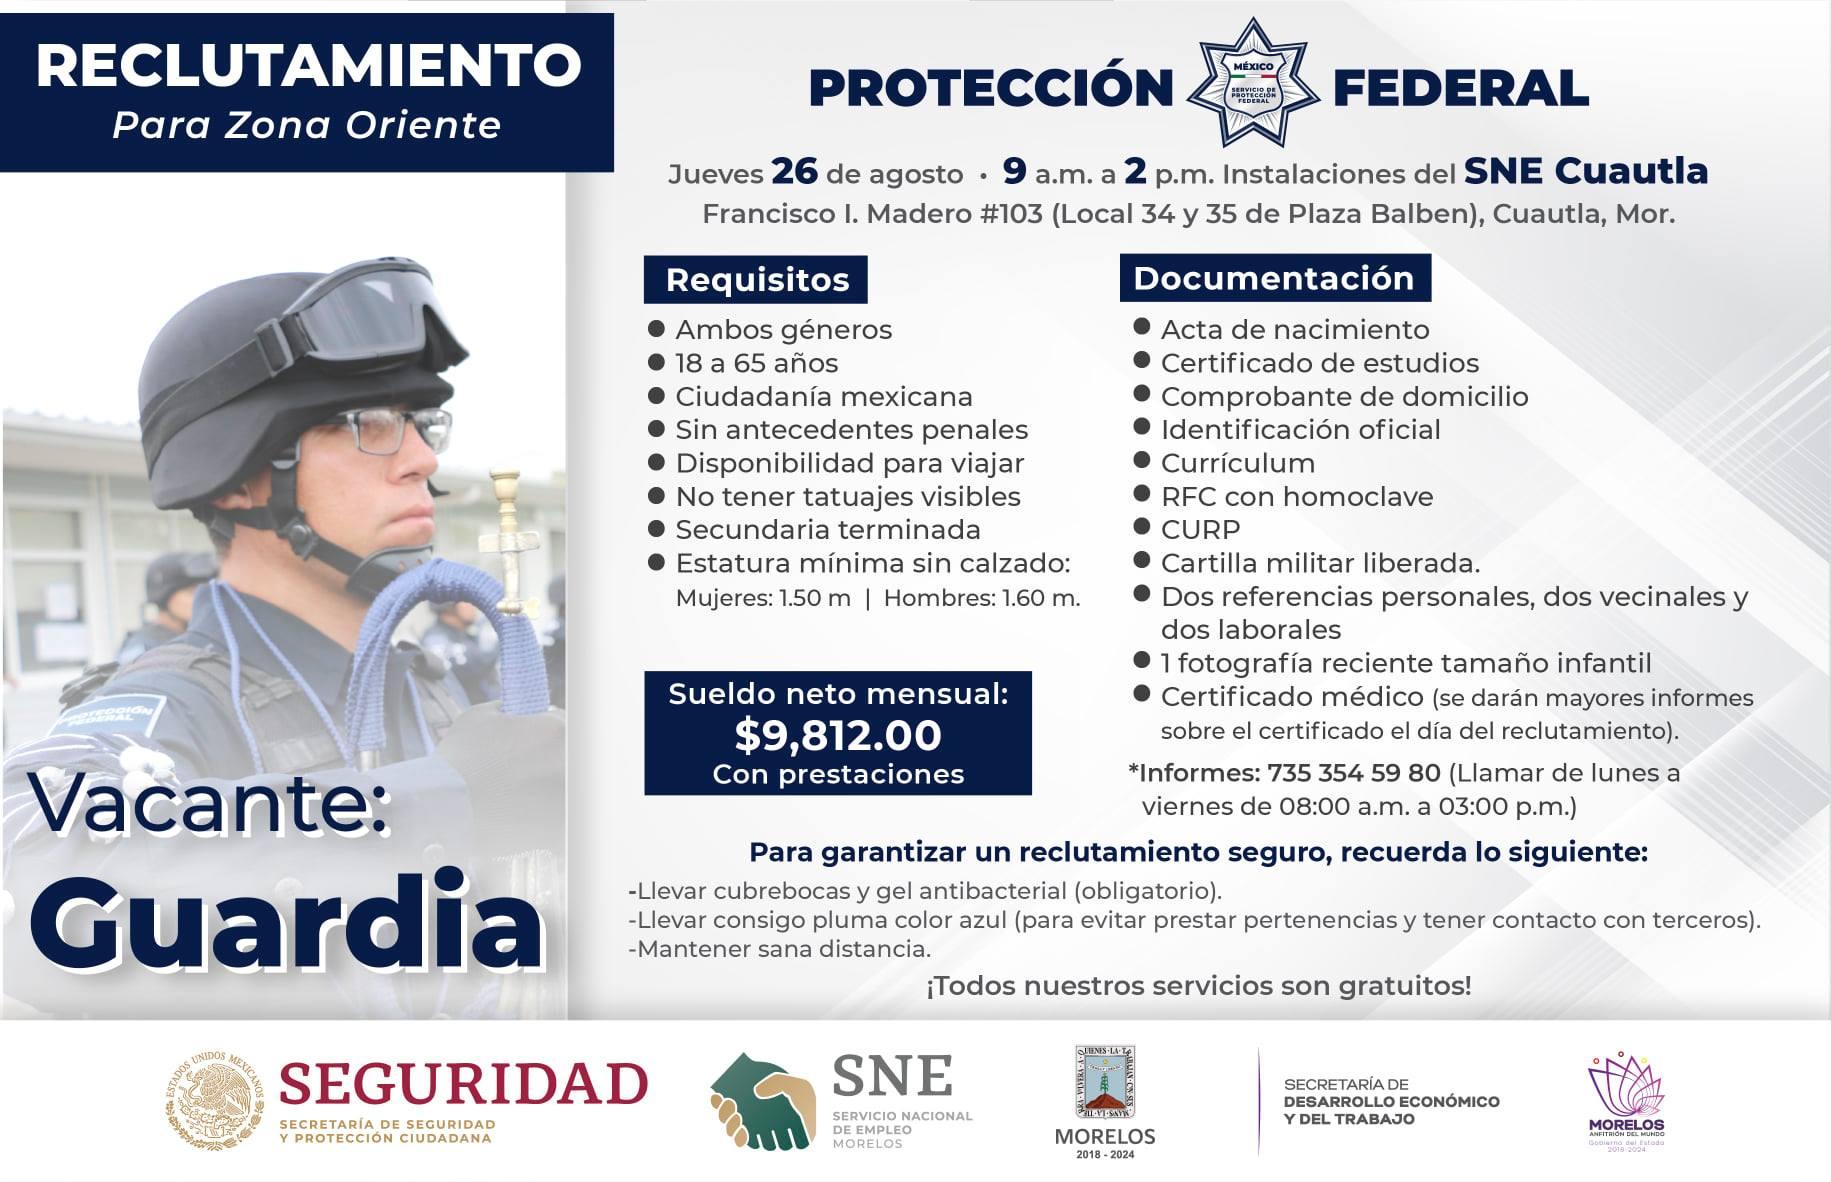 SNE tiene Reclutamiento Para La Vacante De Guardia para la Zona Oriente de Morelos